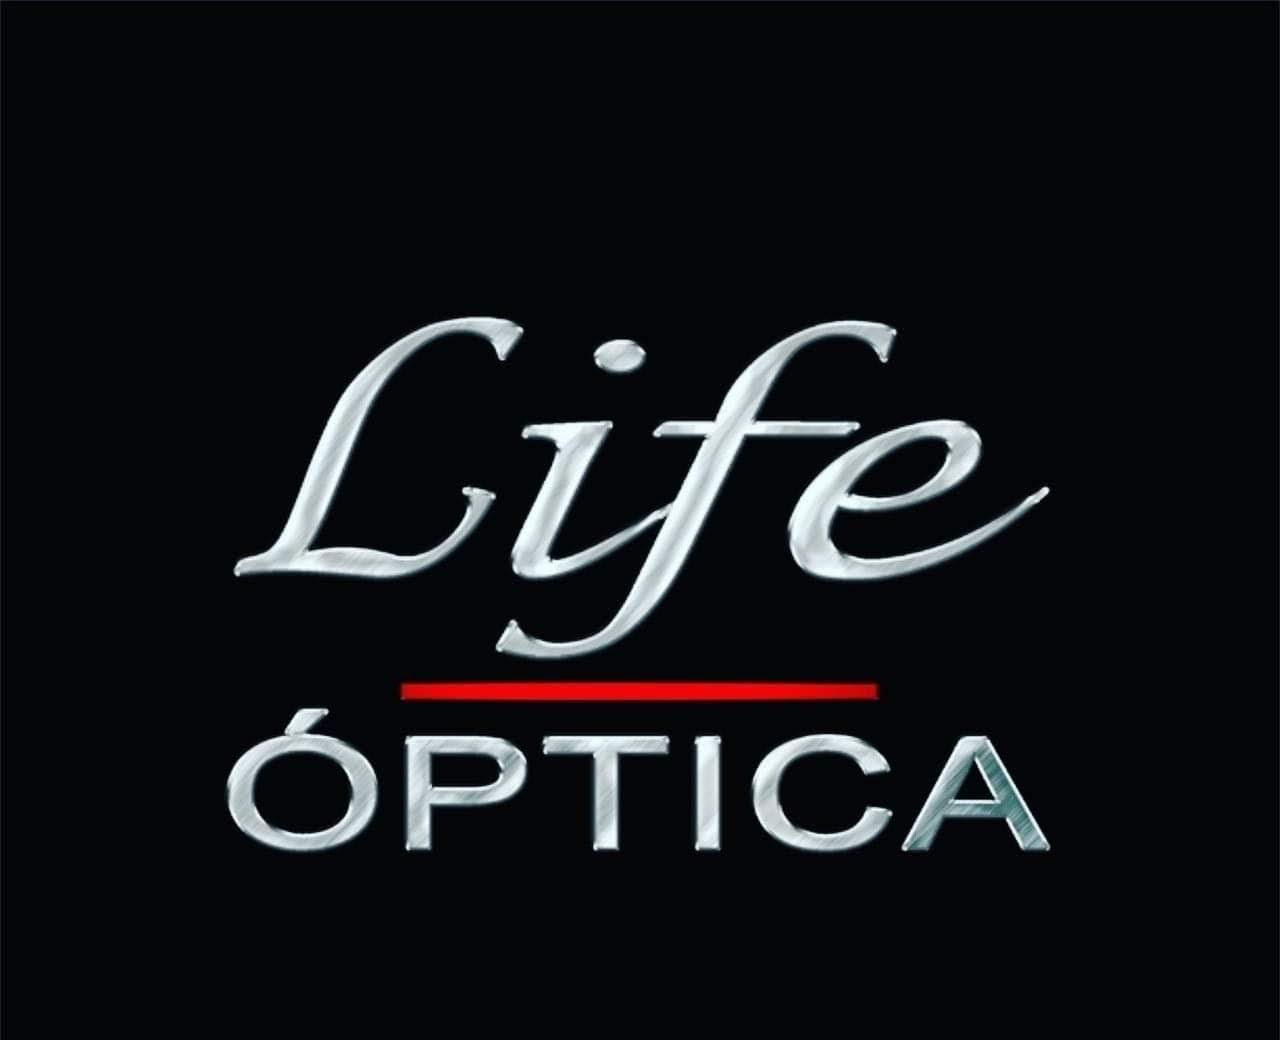 Life Optica Polo Shopping Indaiatuba